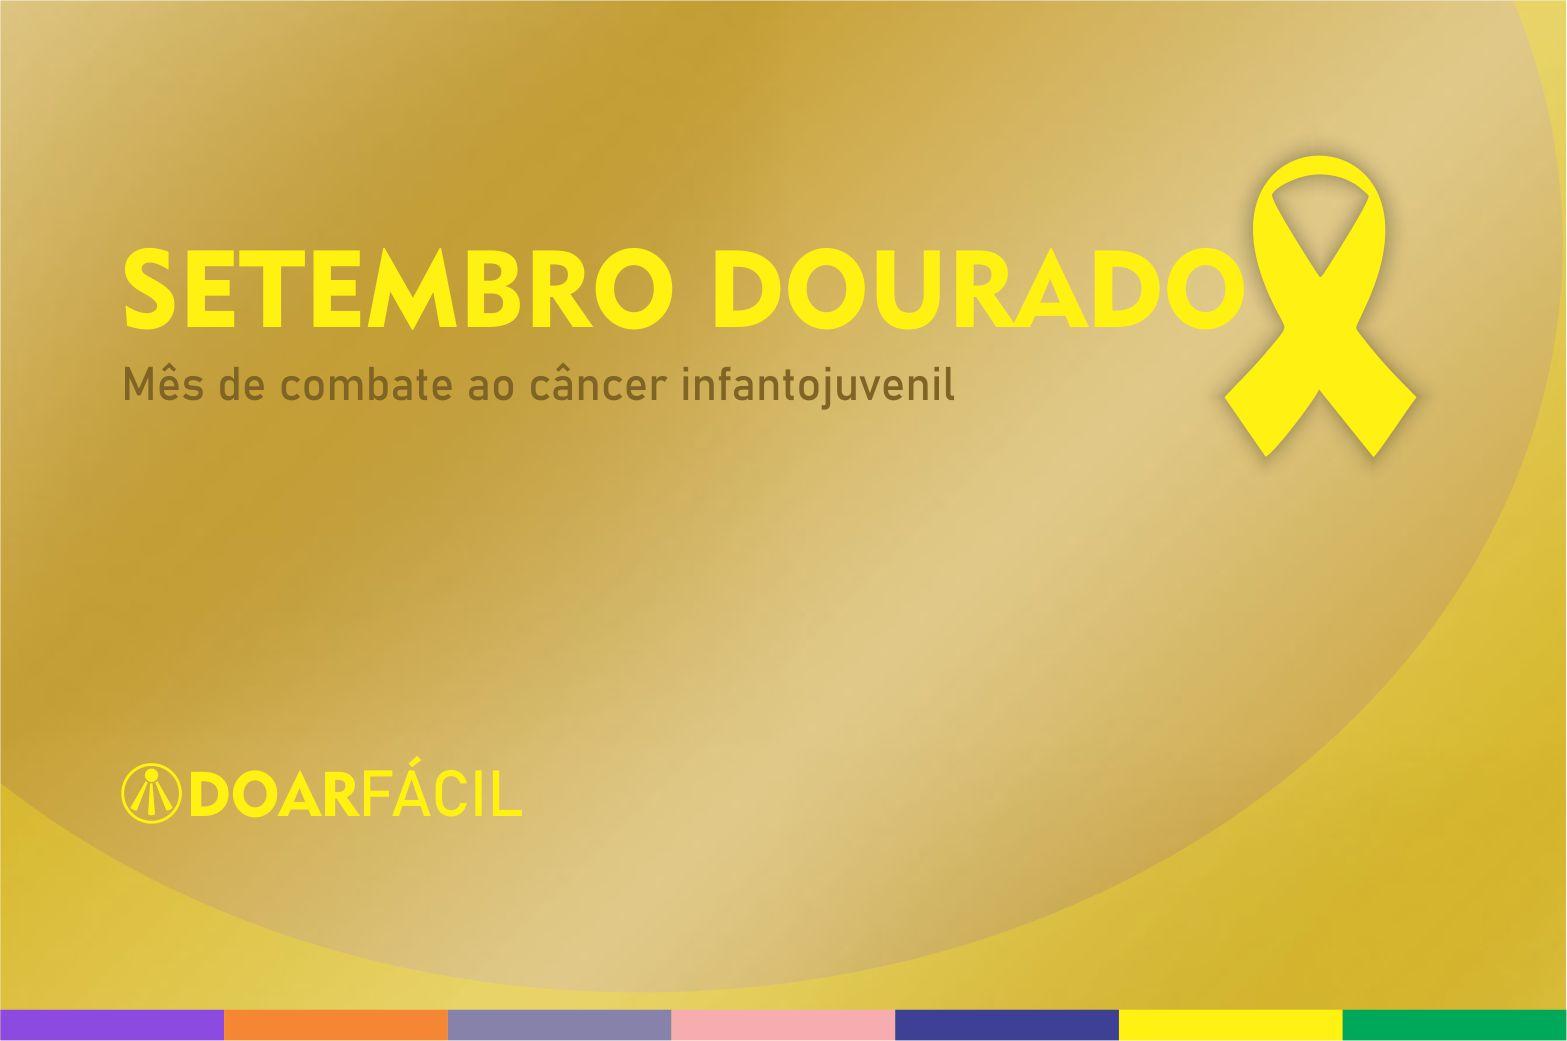 Setembro Dourado Organizações Sociais e o combate ao cancer infantojuvenil